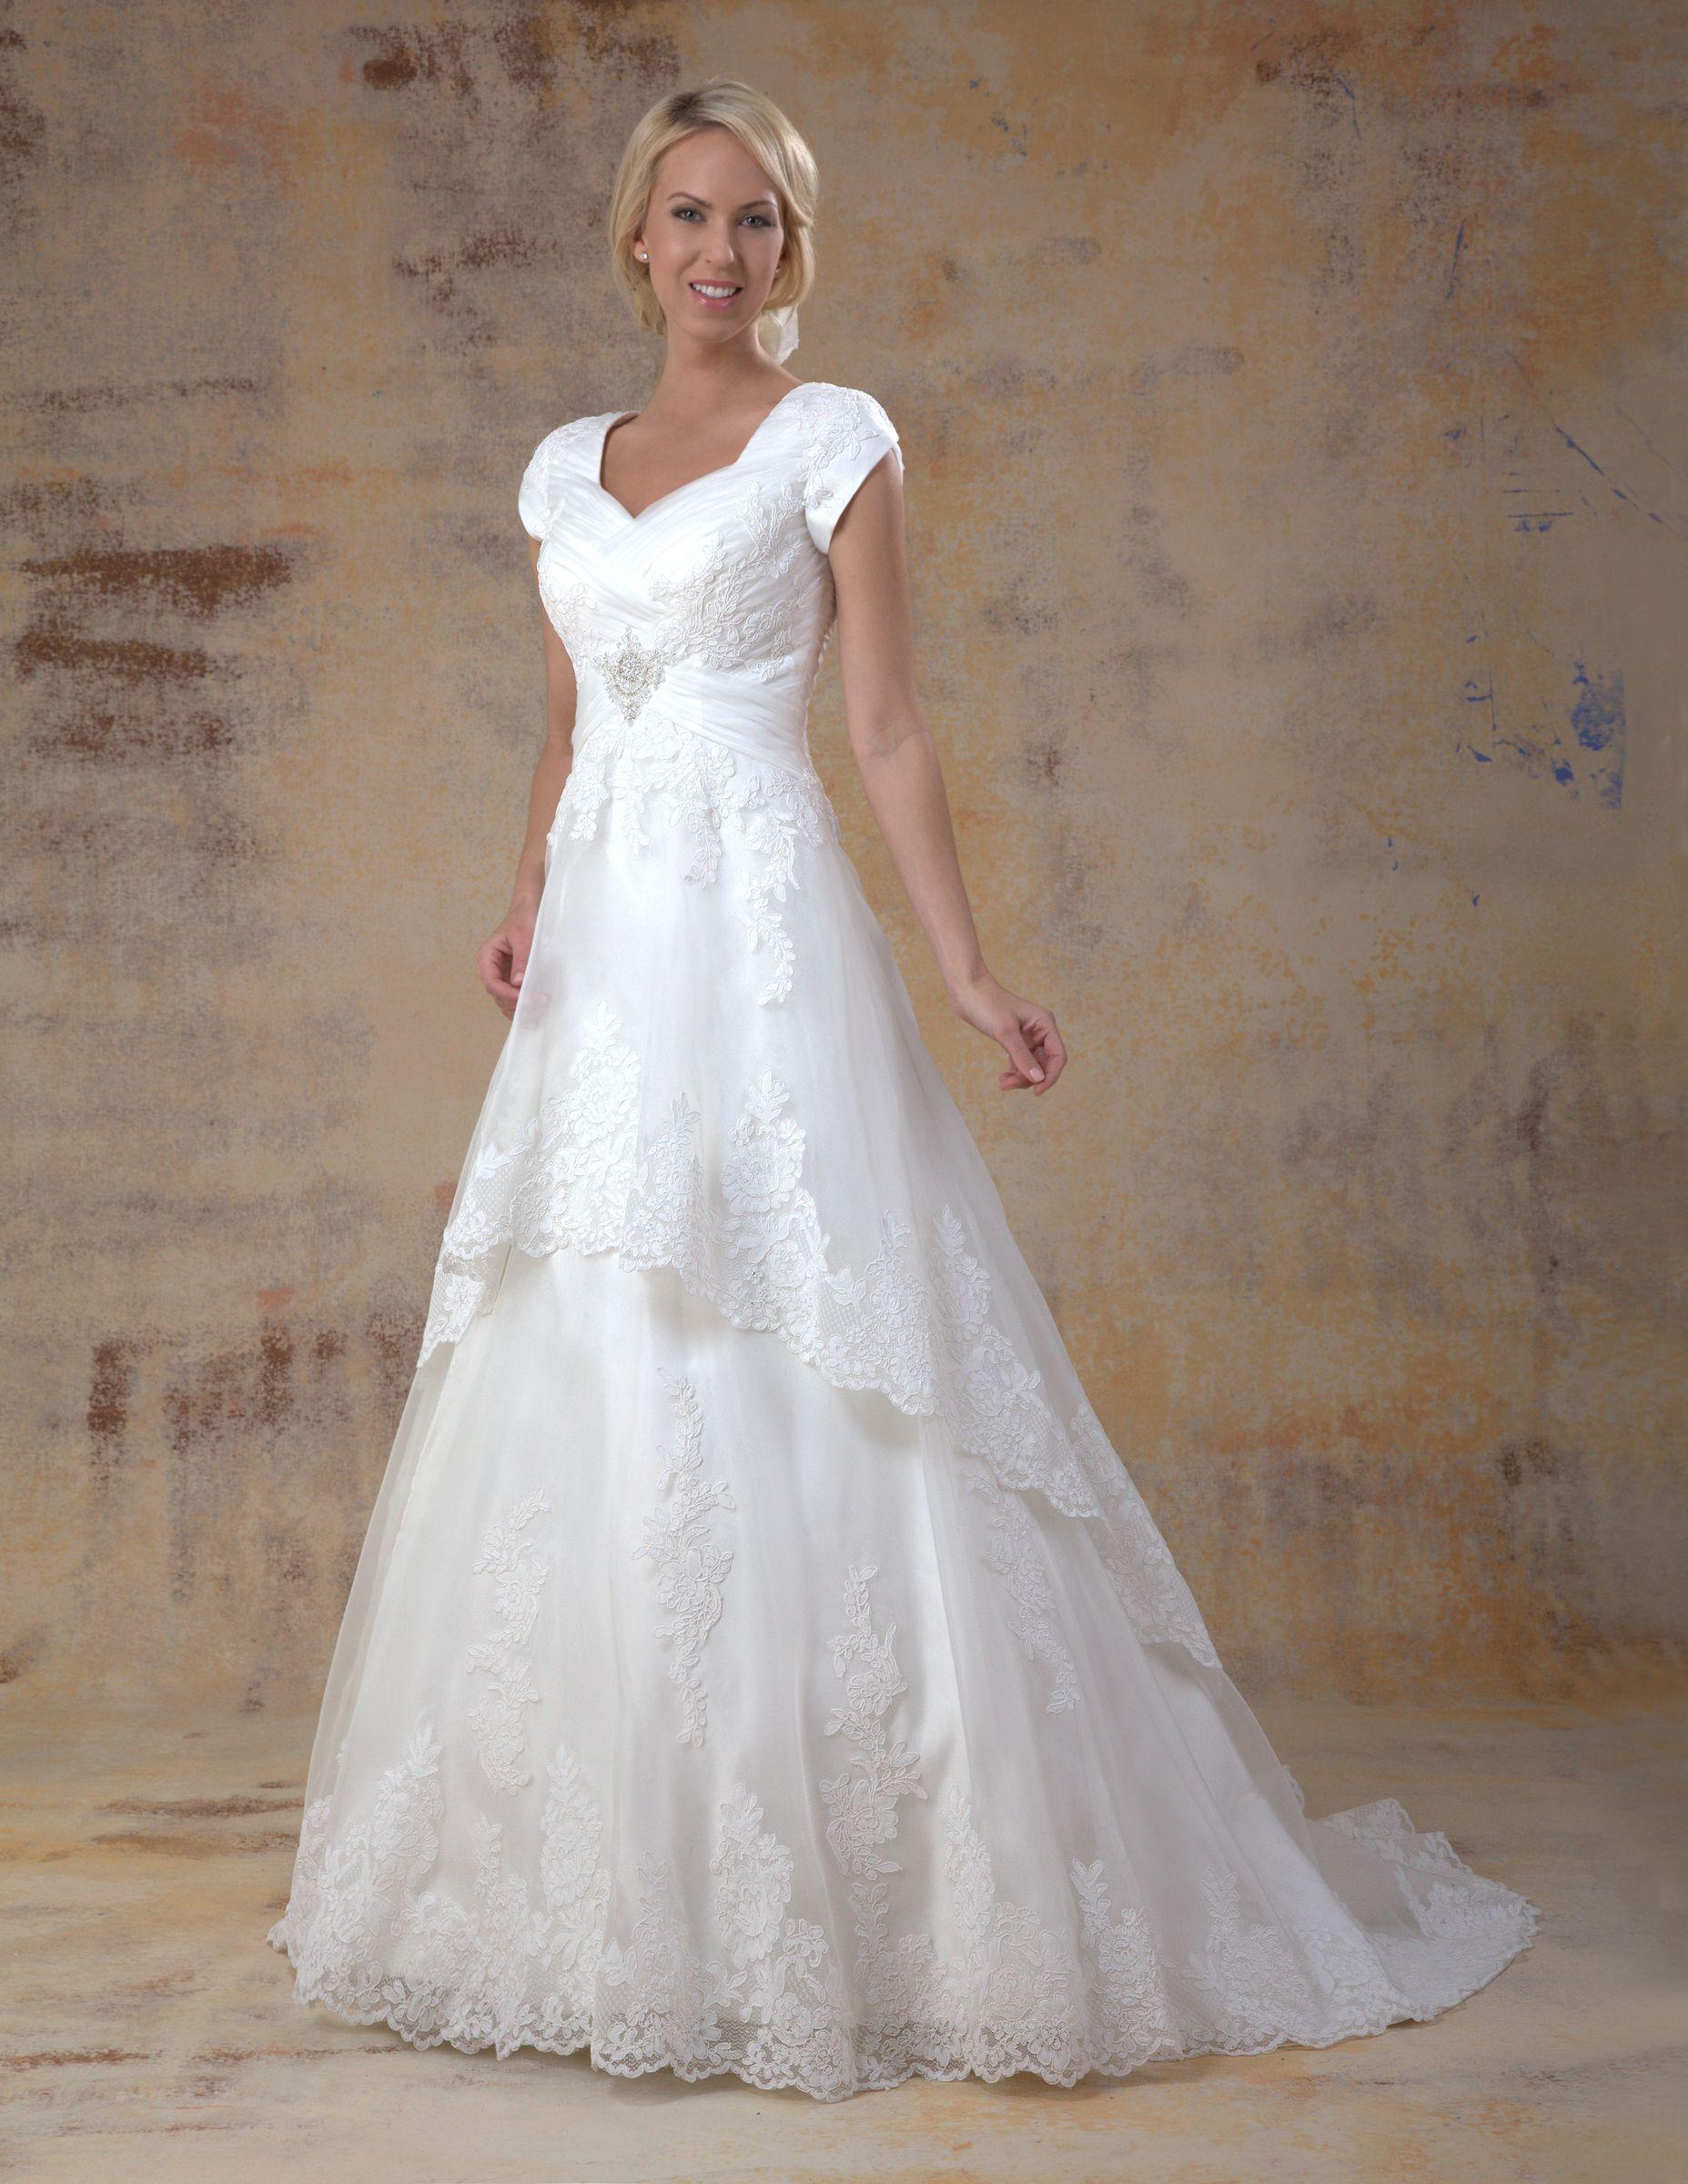 Cheap modest wedding dresses  DLKGC The dress I tried on at Fantasy Bridal  vestido de novia